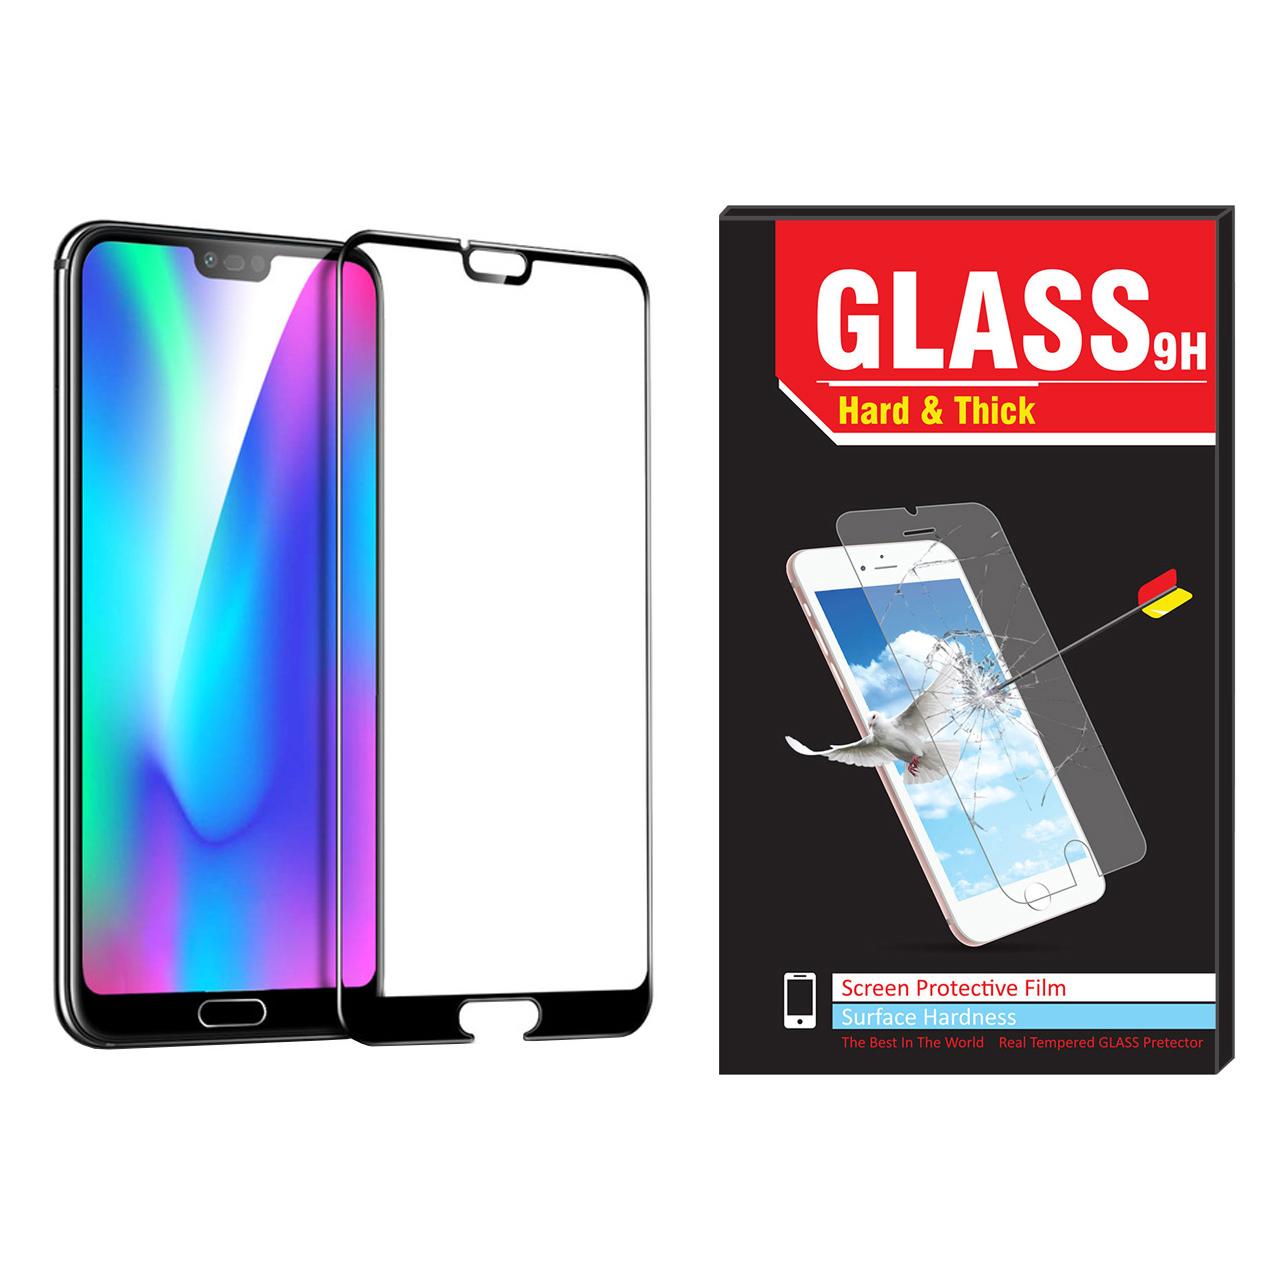 محافظ صفحه نمایش Hard and thick مدل فول چسب مناسب برای گوشی موبایل هوآوی Honor 10